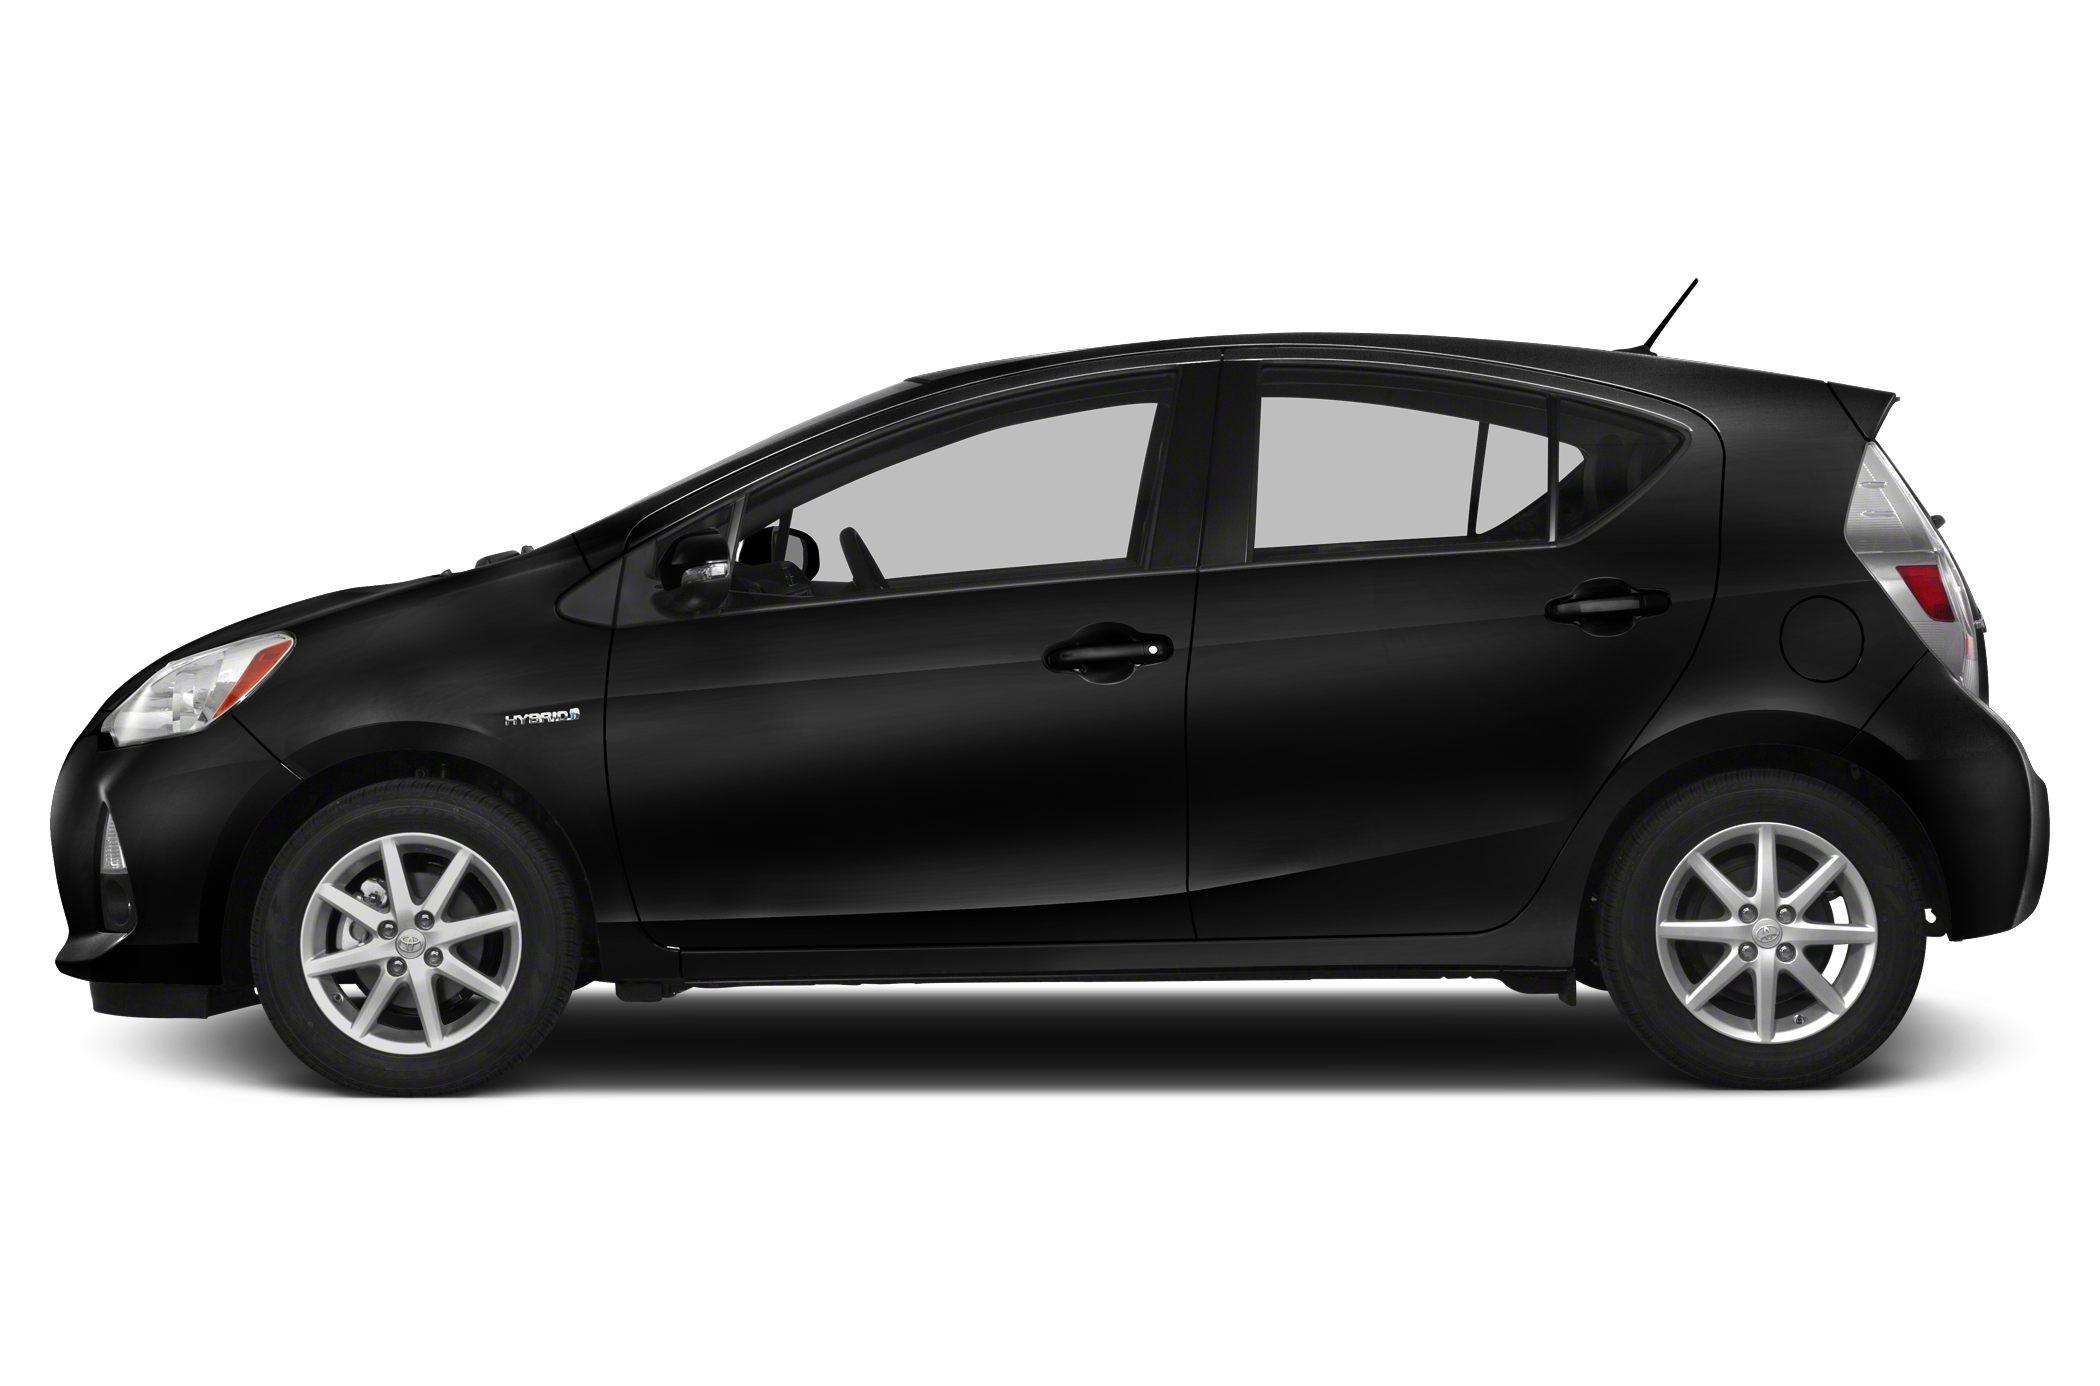 2014 toyota prius c   price, photos, reviews & features toyota prius invoice price